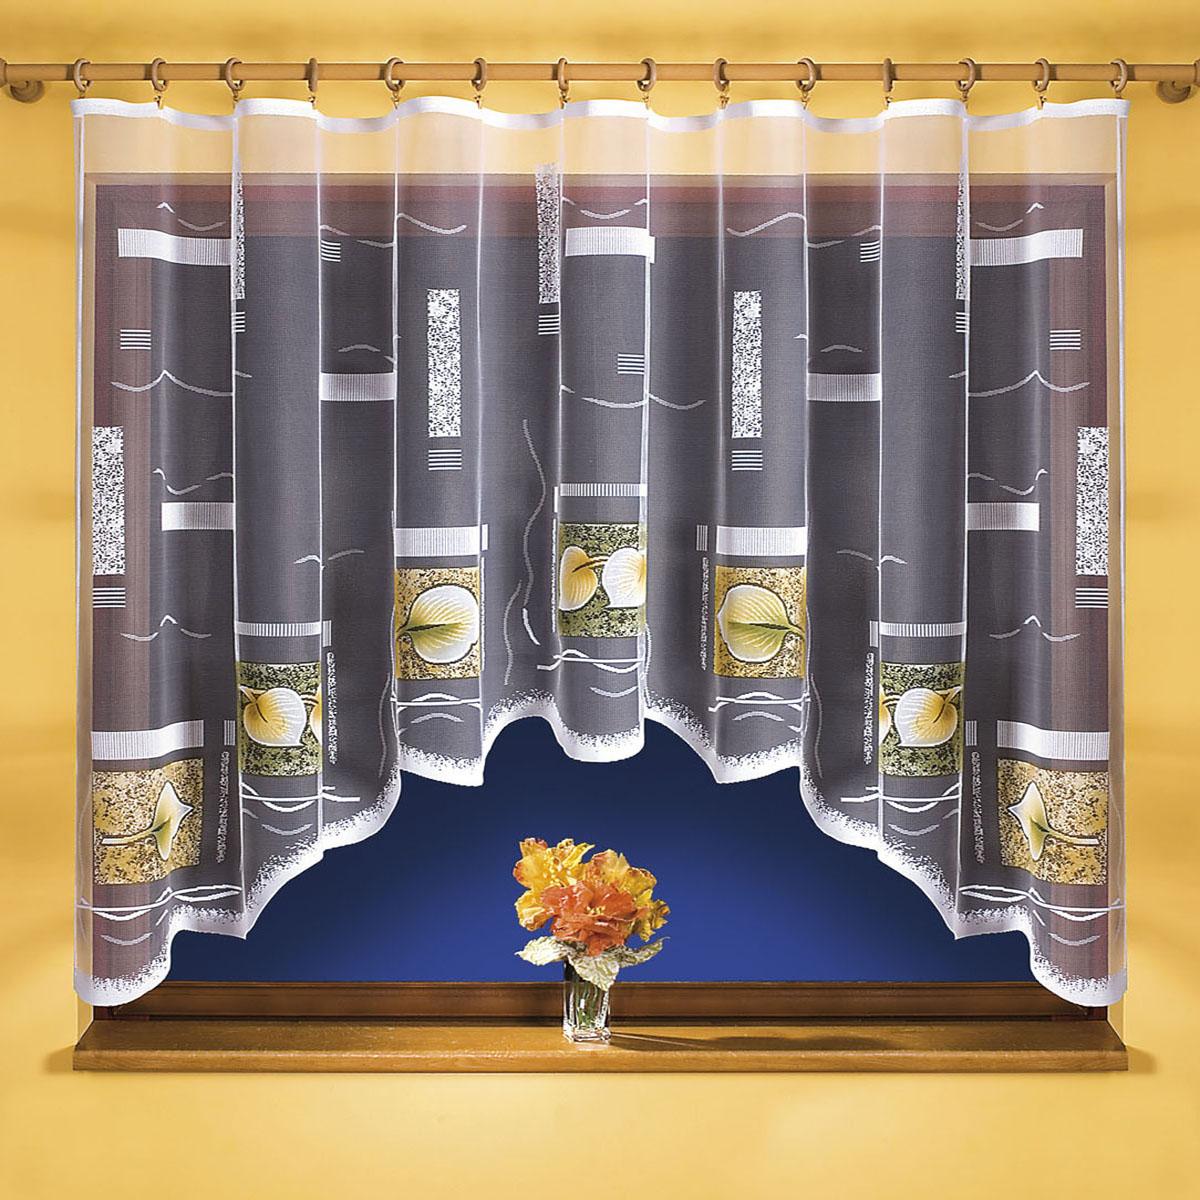 Гардина Wisan, цвет: белый, ширина 300 см, высота 150 см. 96719671вид крепления - под зажимы для штор Размеры: ширина 300*высота 150